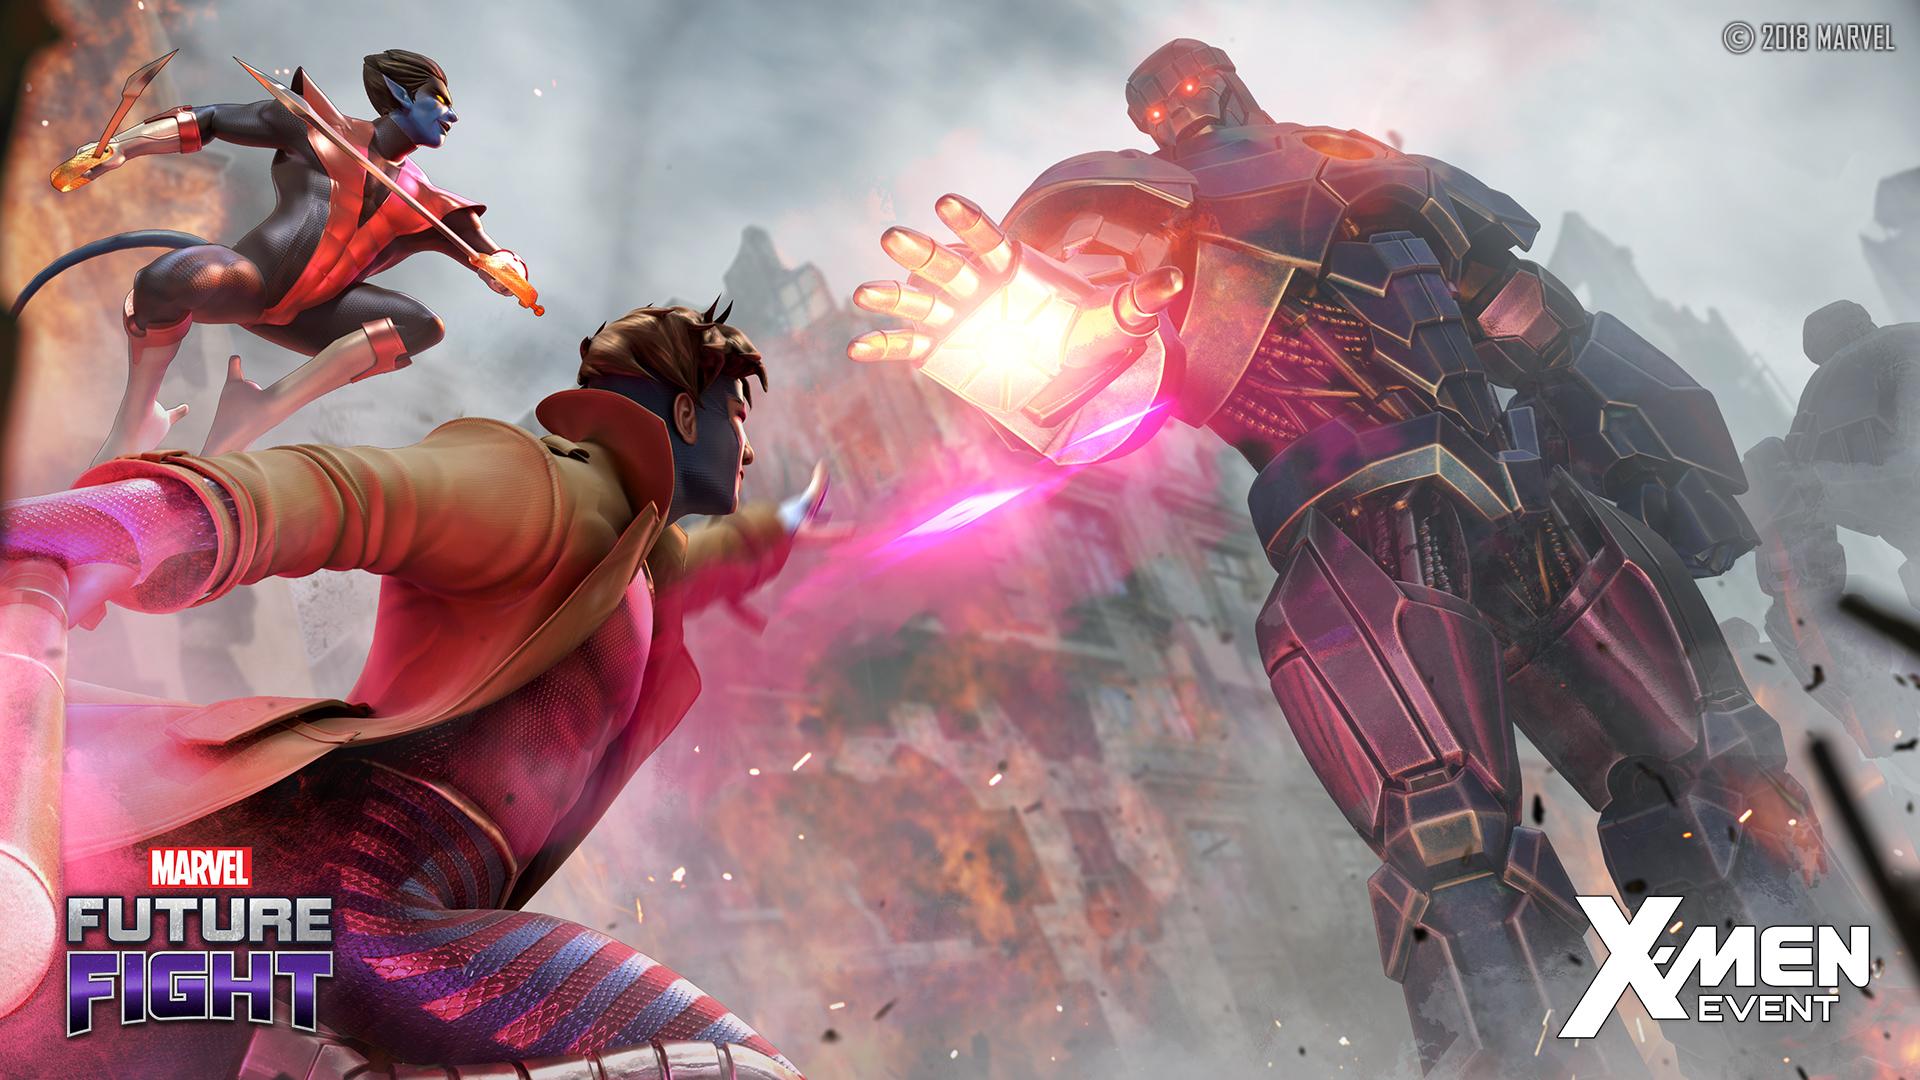 Image Marvel Future Fight X Men Event